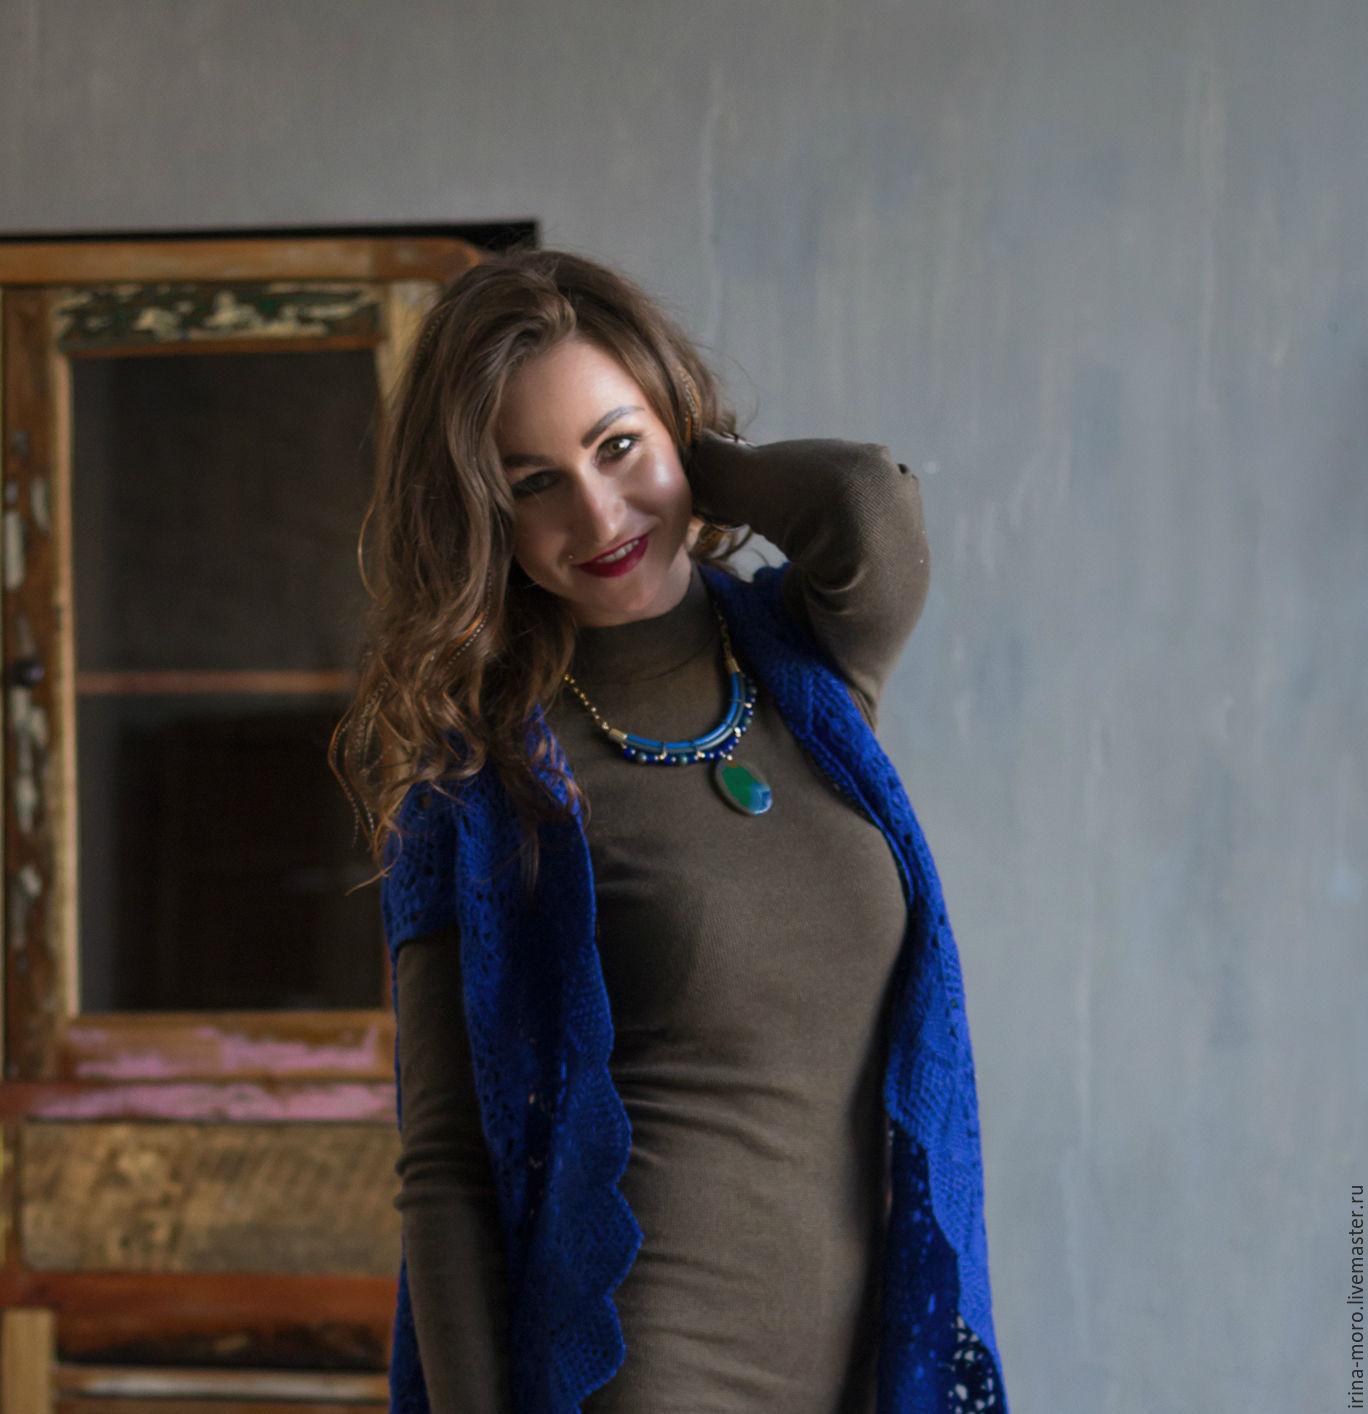 Ирина Моро. Irina Moro. Колье сине-зеленое `Голландия`. Колье ручной работы. Многорядное колье. Колье с камнем.